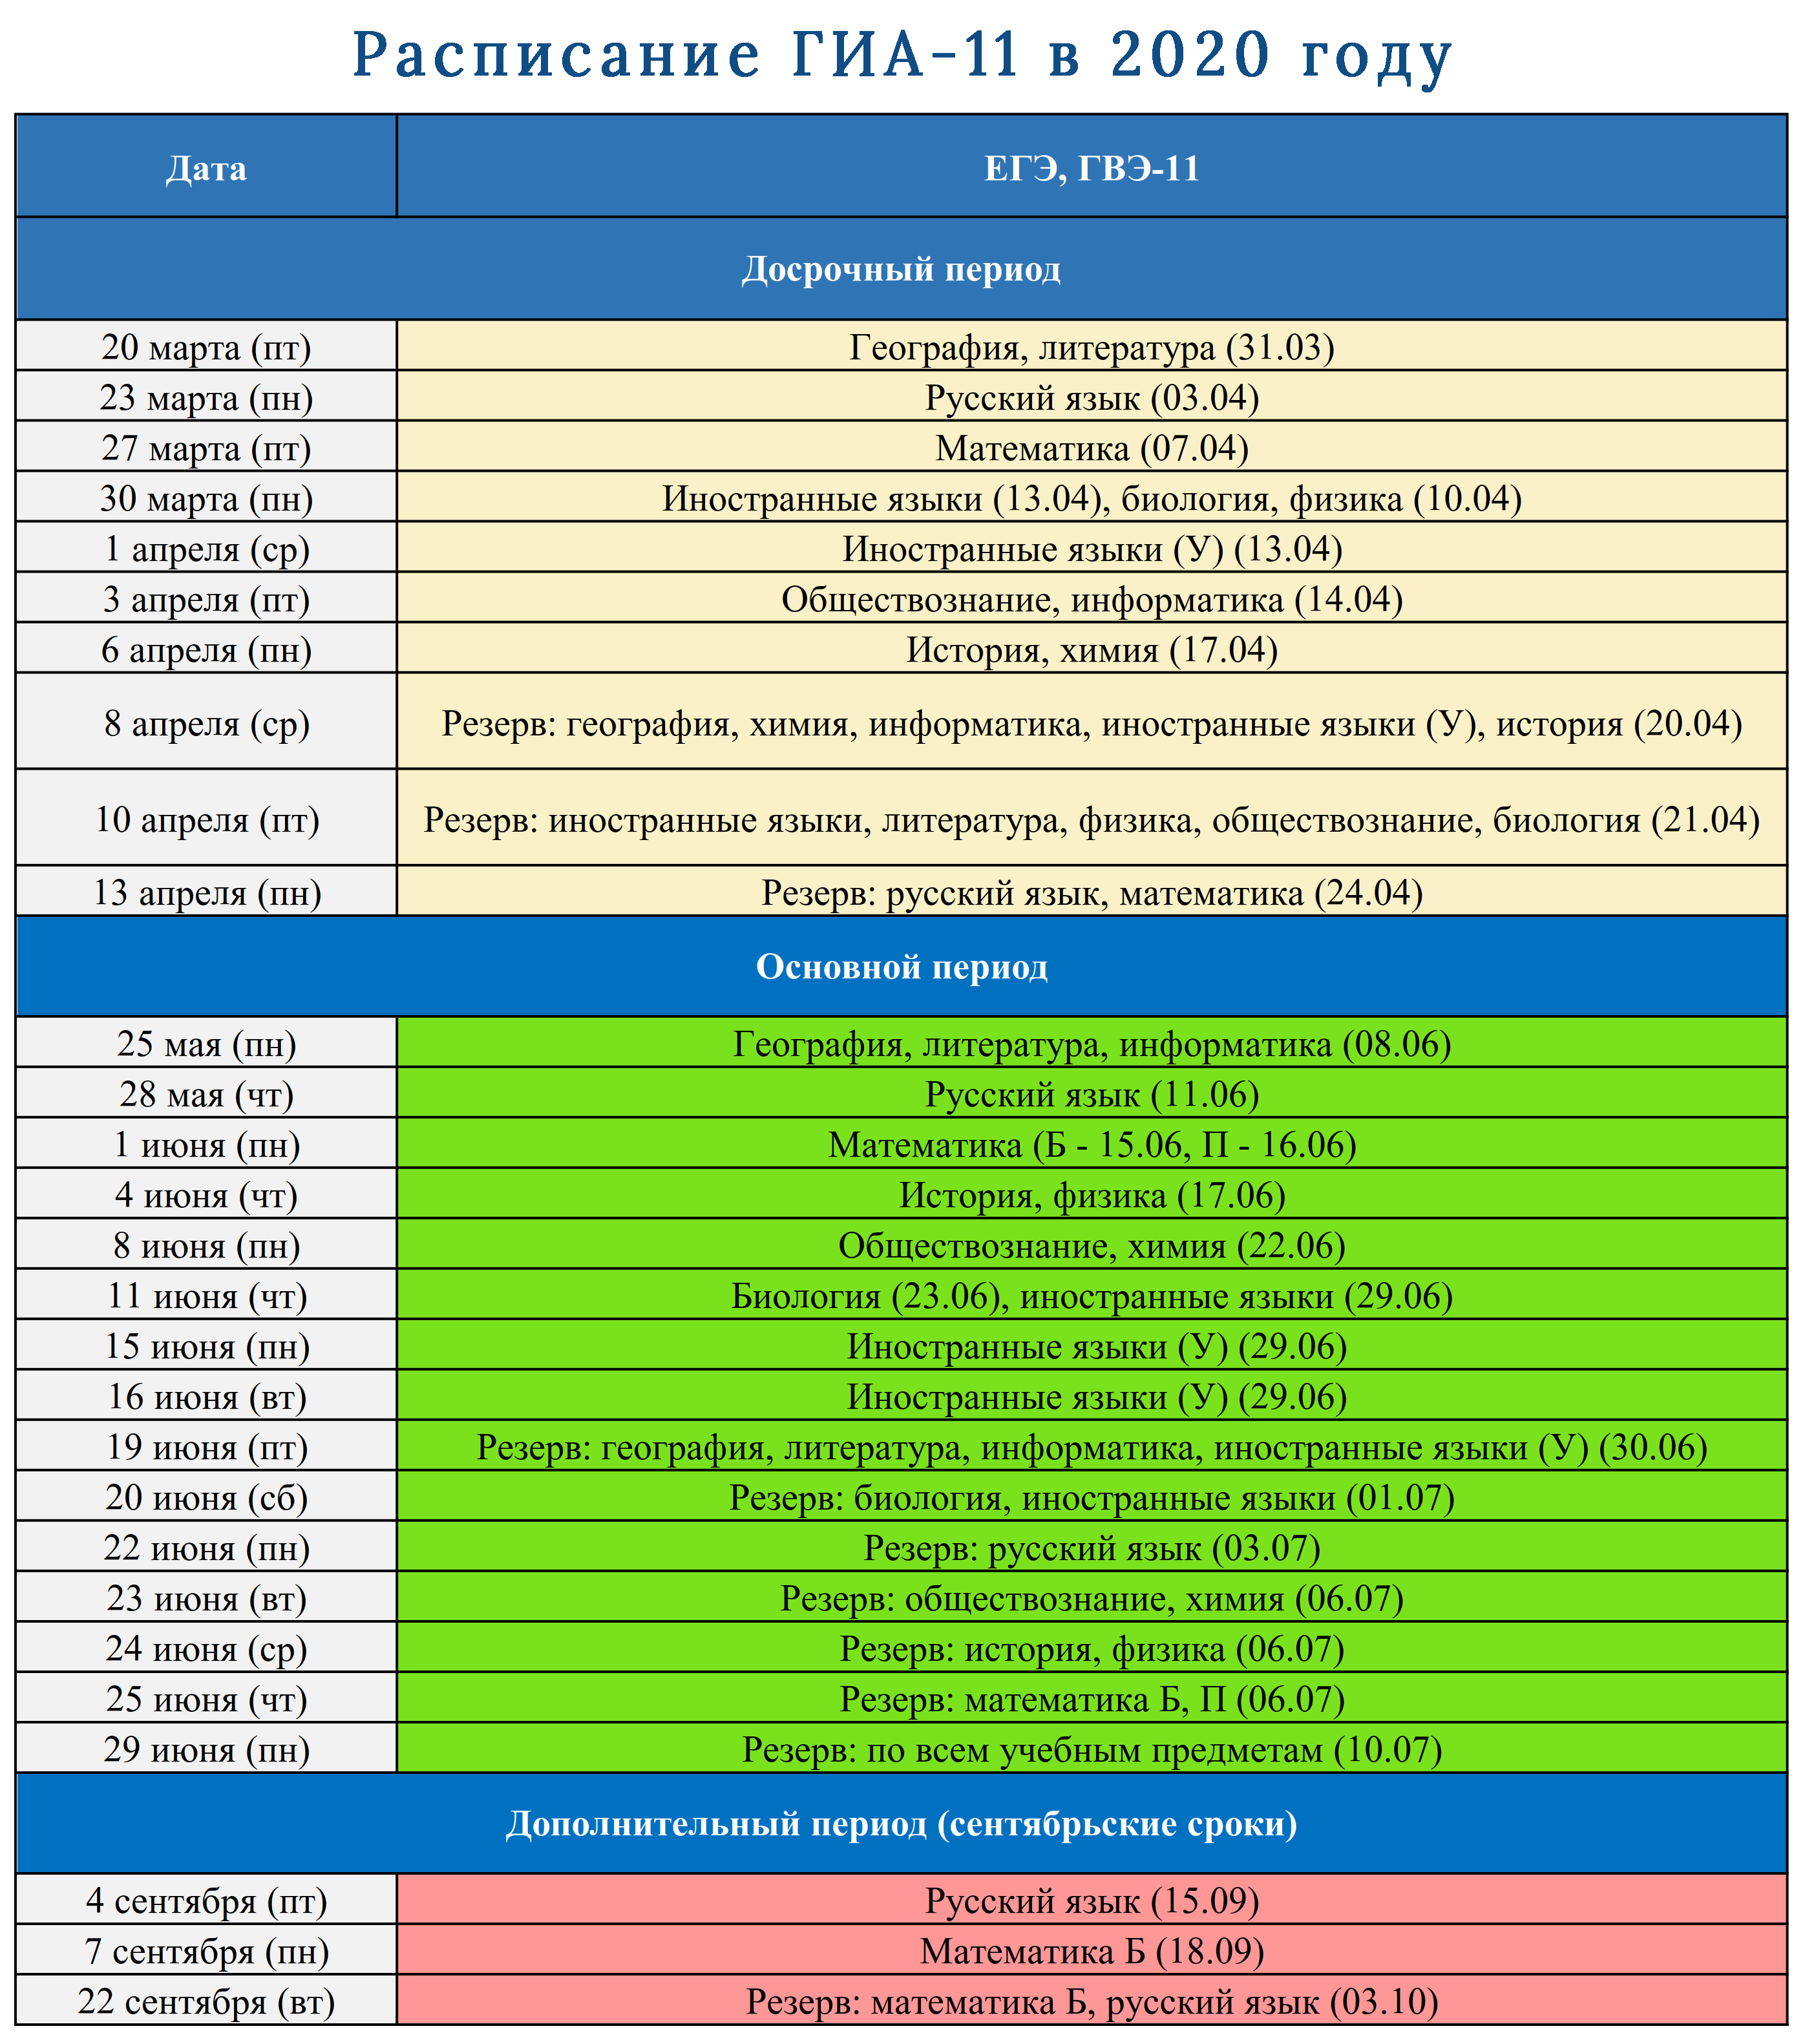 Расписание_1-1.png (2793×3163)